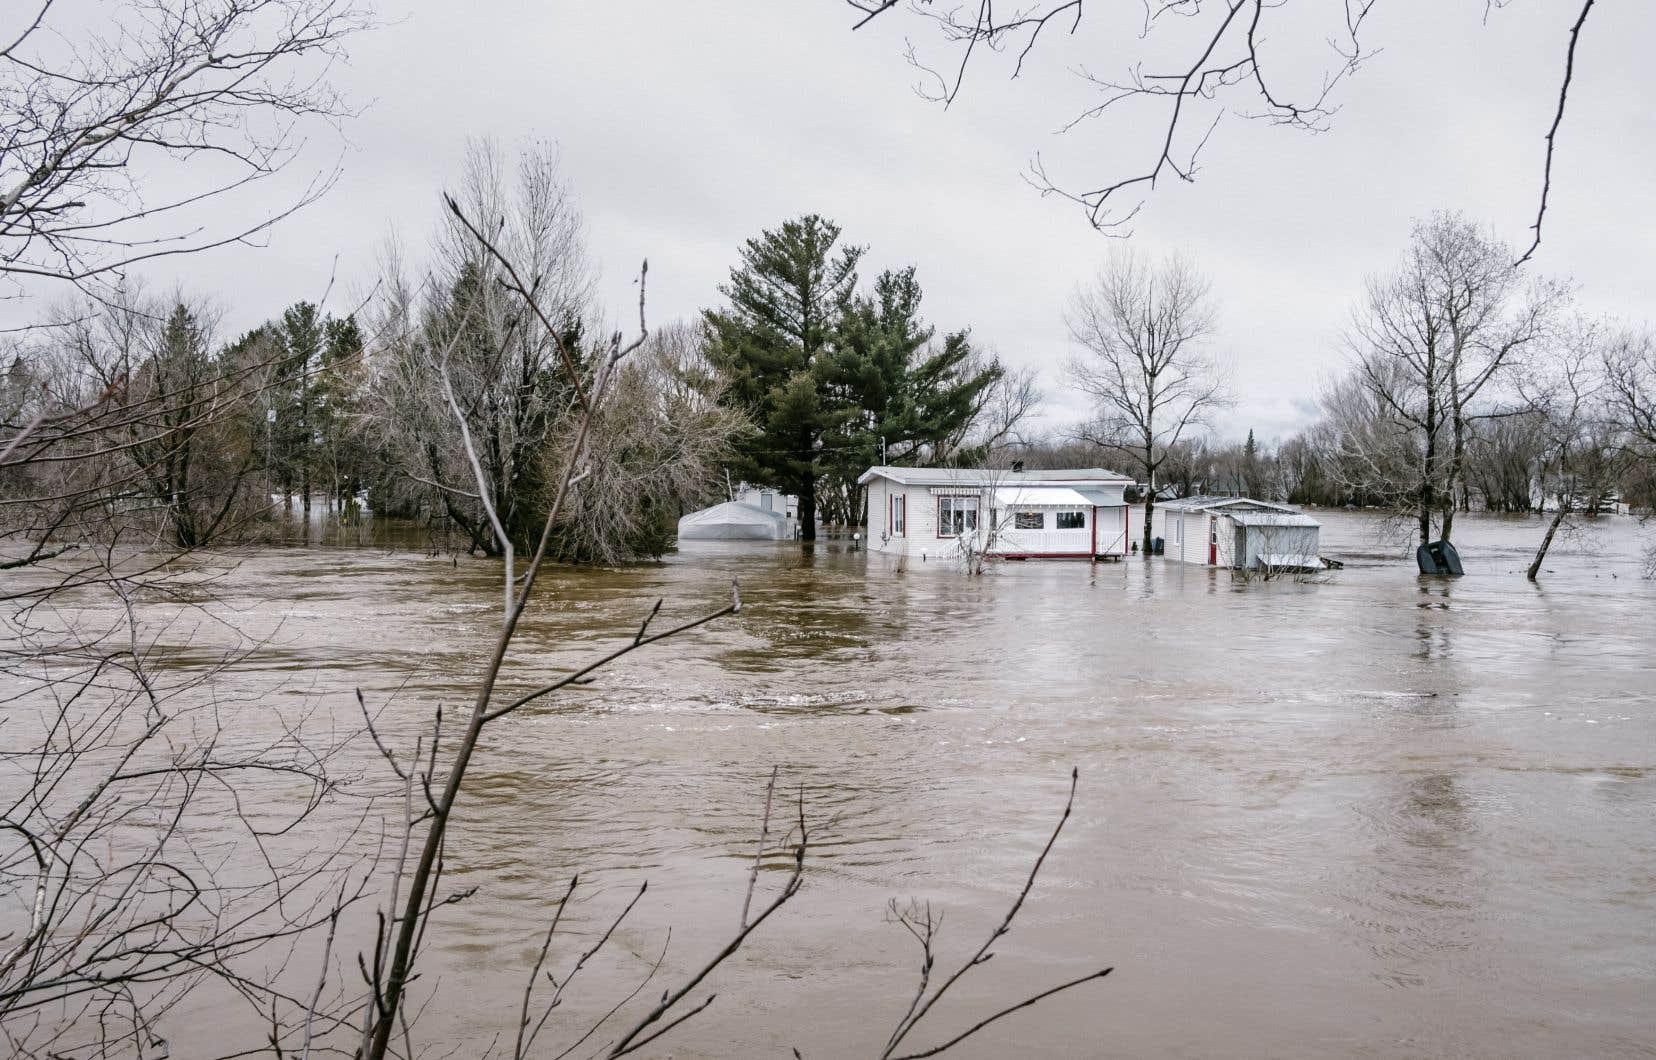 La Ville de Lévis a procédé à l'évacuation de 37 résidences et à quelques fermetures de rues en raison du débordement de la rivière Beaurivage.